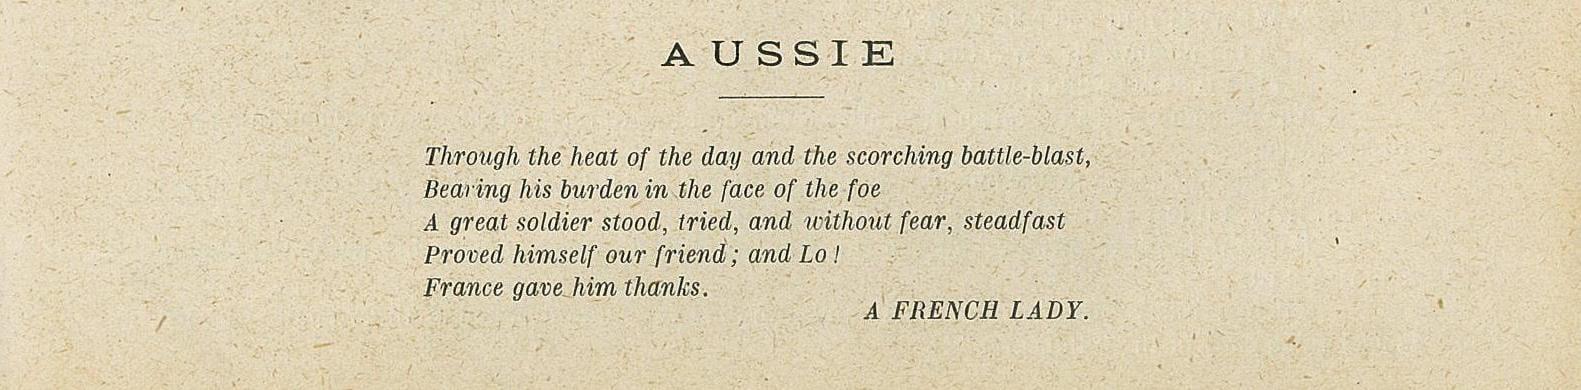 Aussie, The Derniere Heure